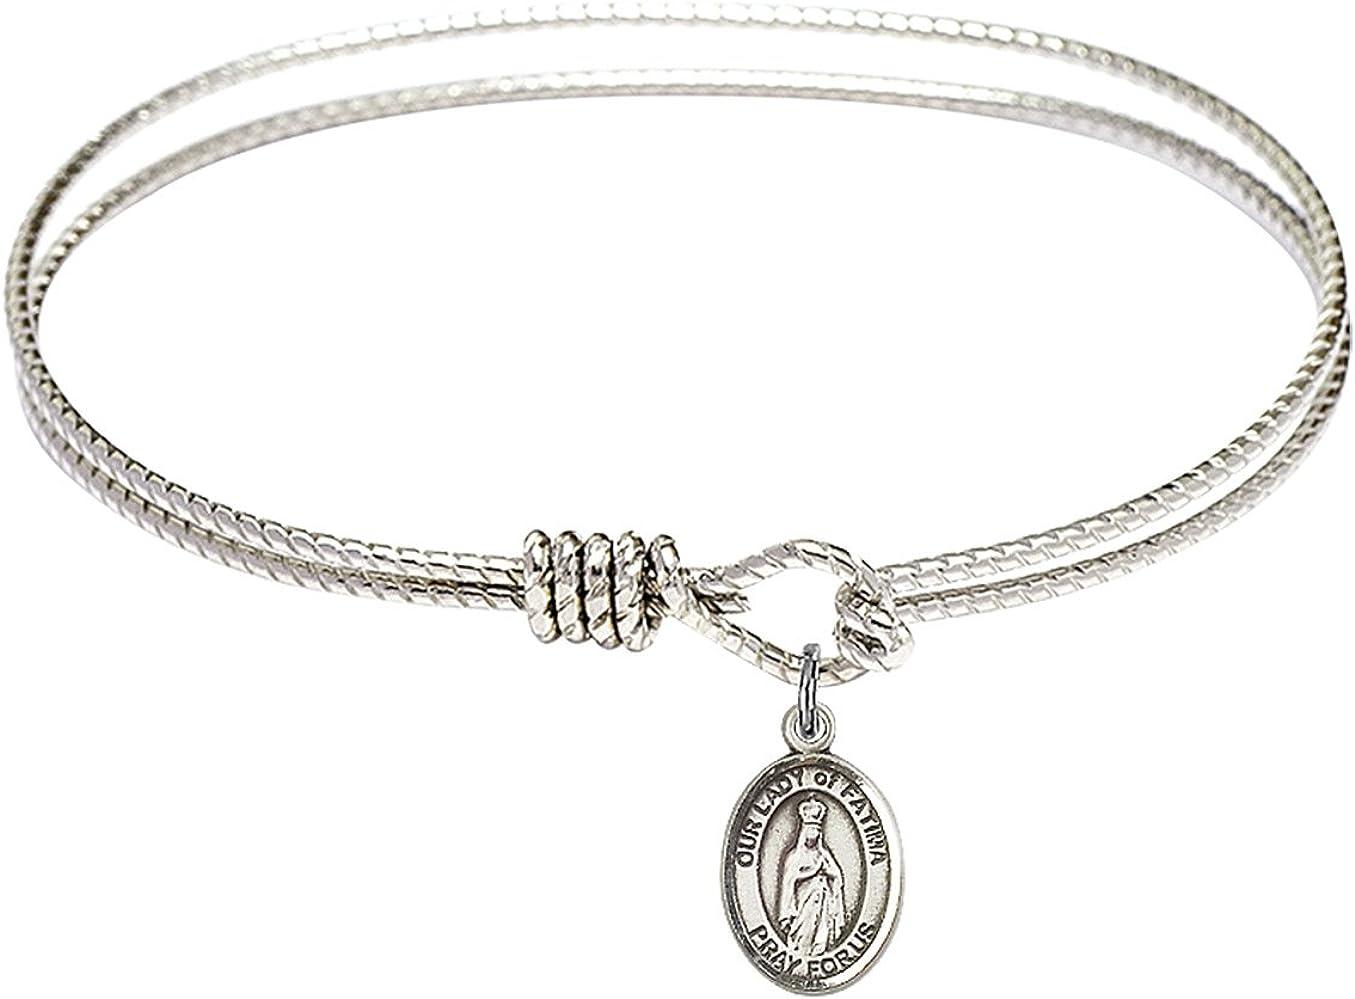 Bonyak Jewelry Oval Eye Hook Max 62% OFF Bangle Lady Bracelet Award Fatim Our w of